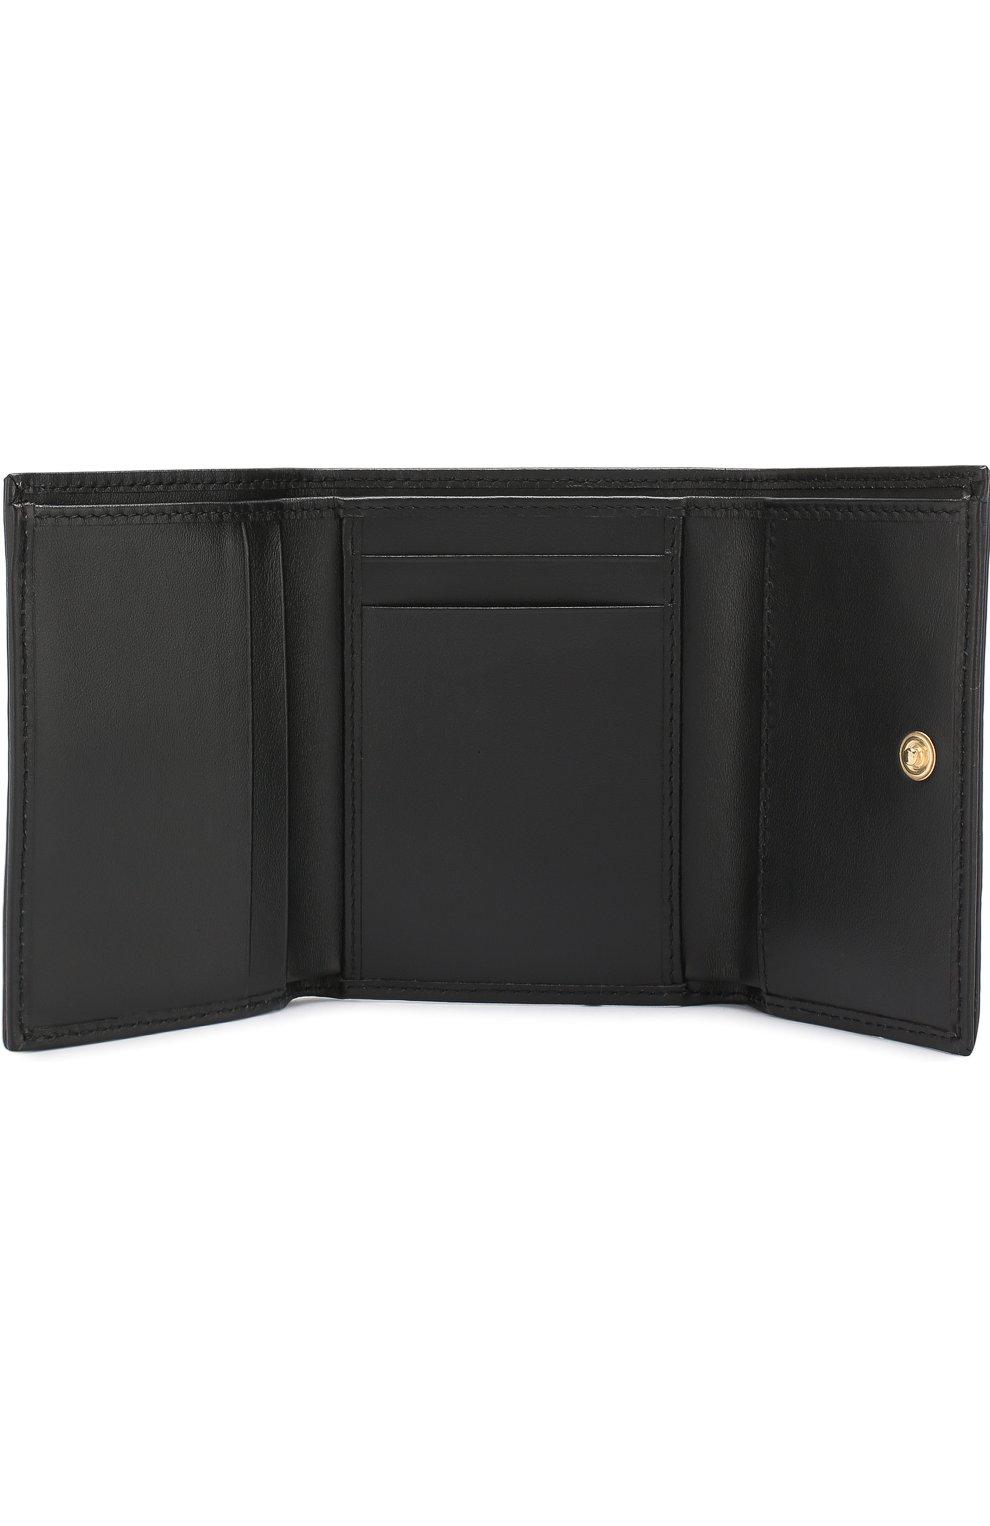 Кожаный кошелек Dolce & Gabbana коричневого цвета | Фото №3